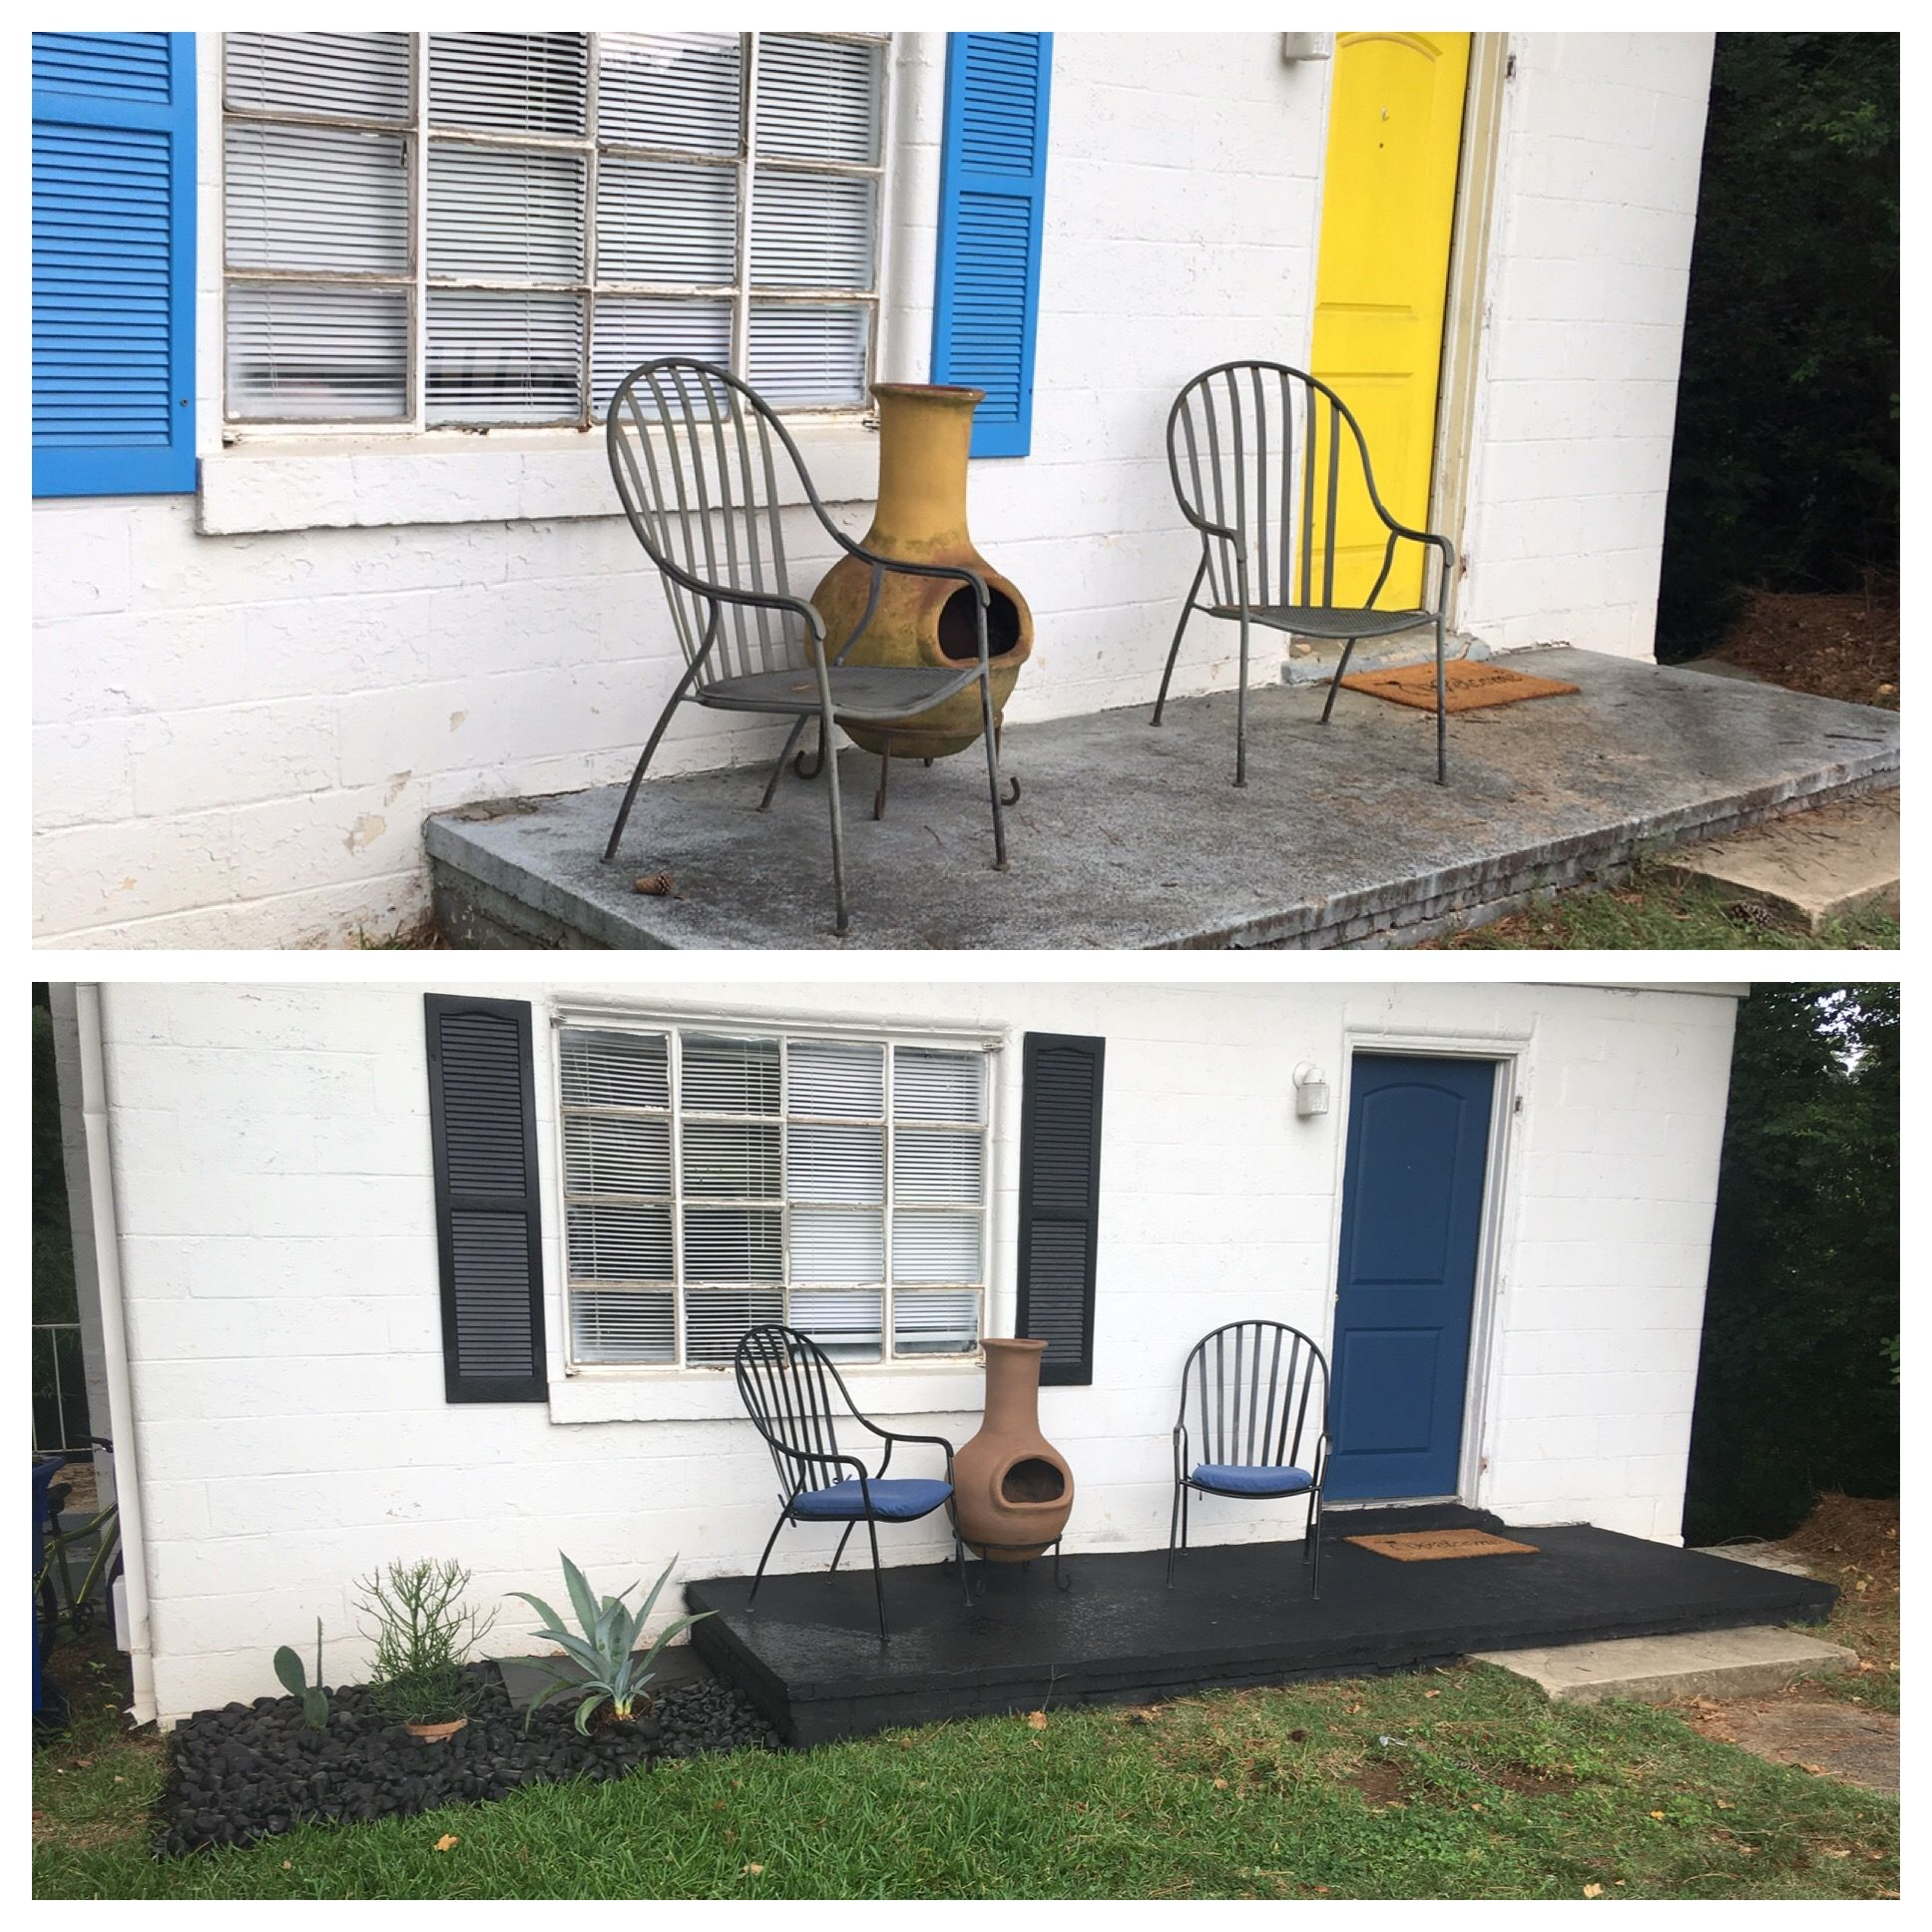 Summerhome Interior Design: Outdoor Decor, Patio, Home Decor